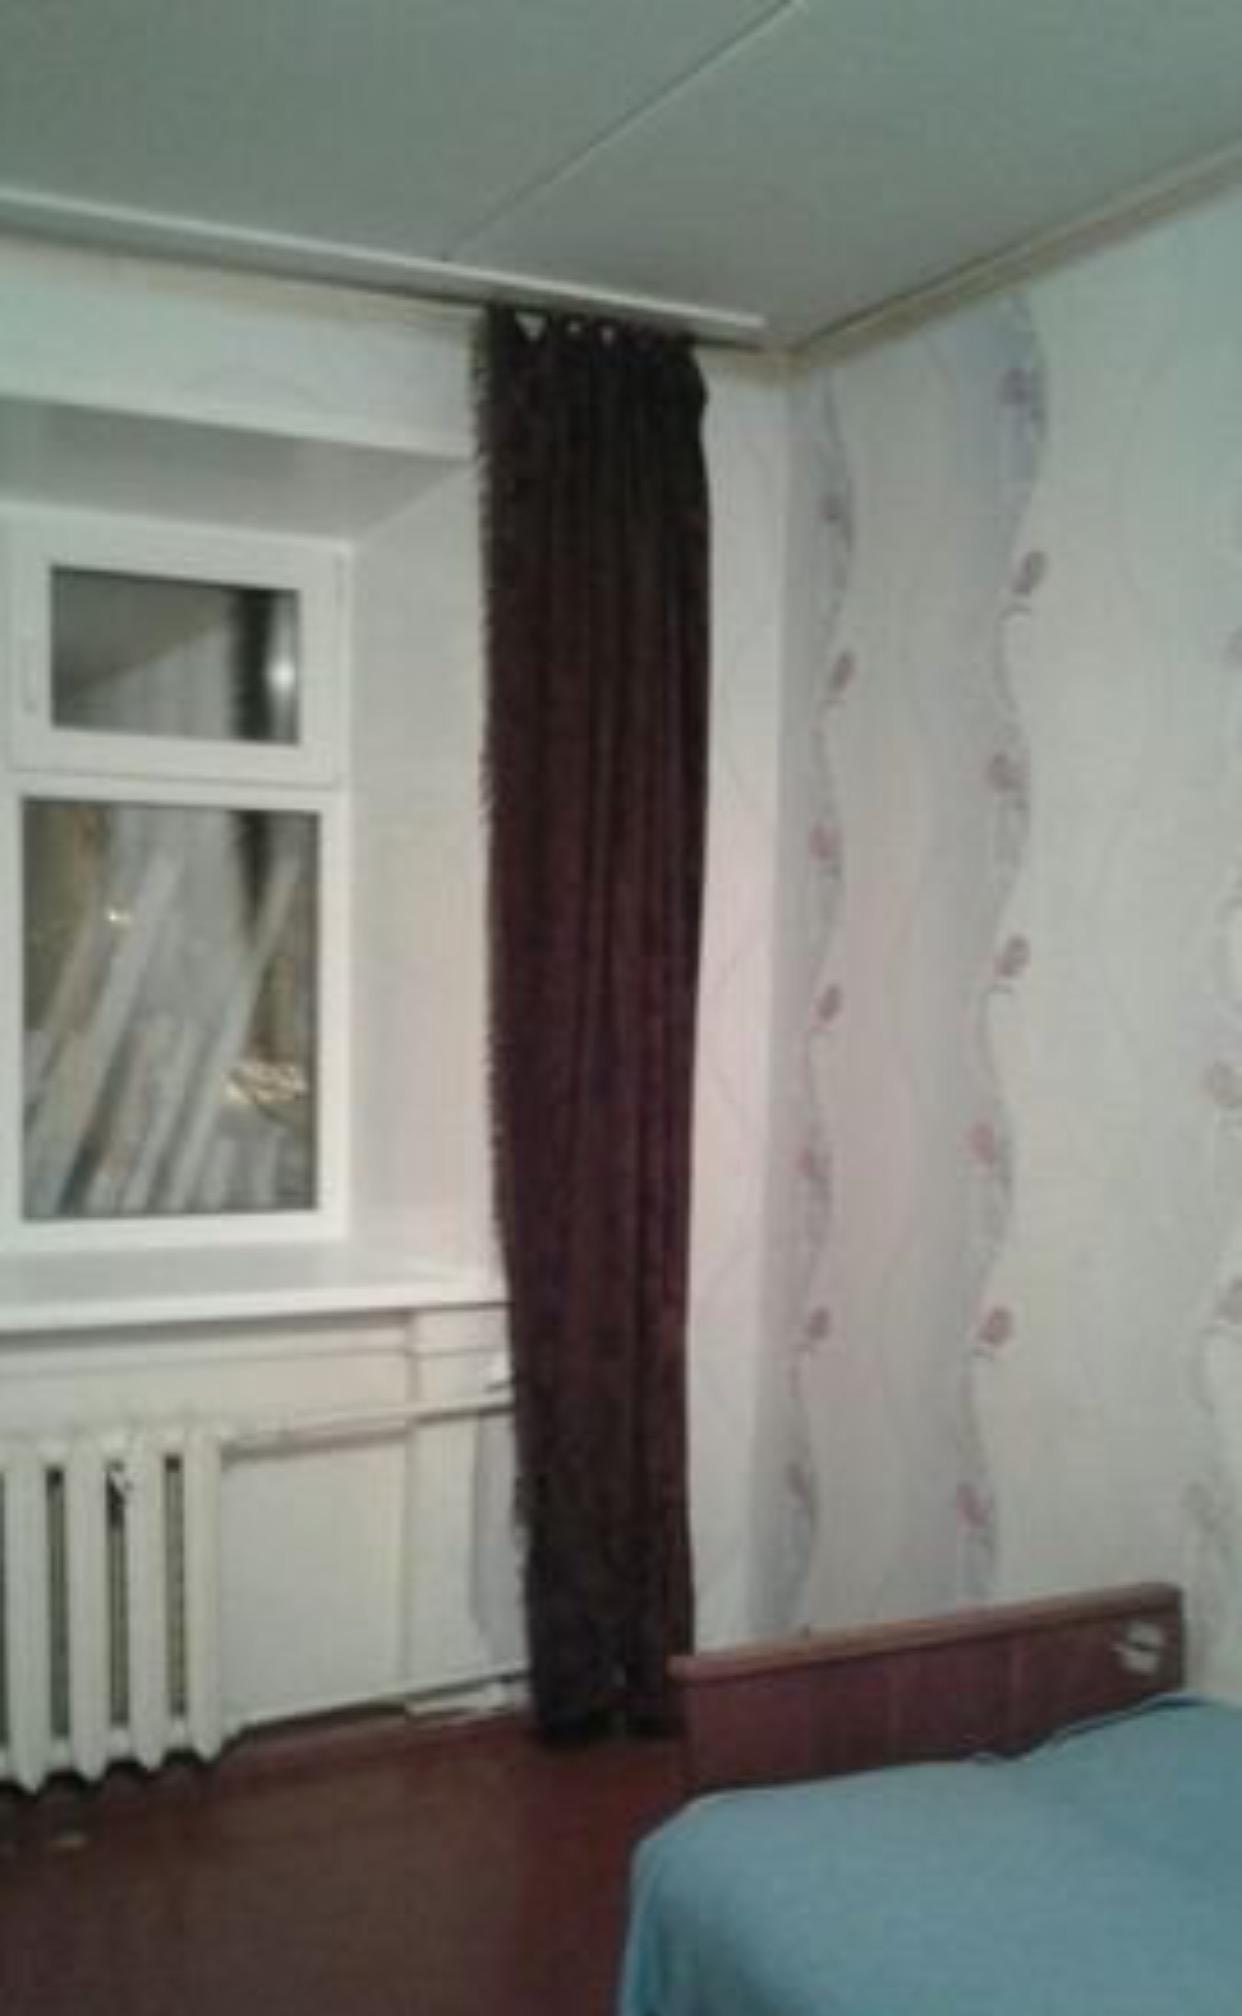 Квартира на продажу по адресу Россия, Архангельская область, Новодвинск, Первомайская ул.